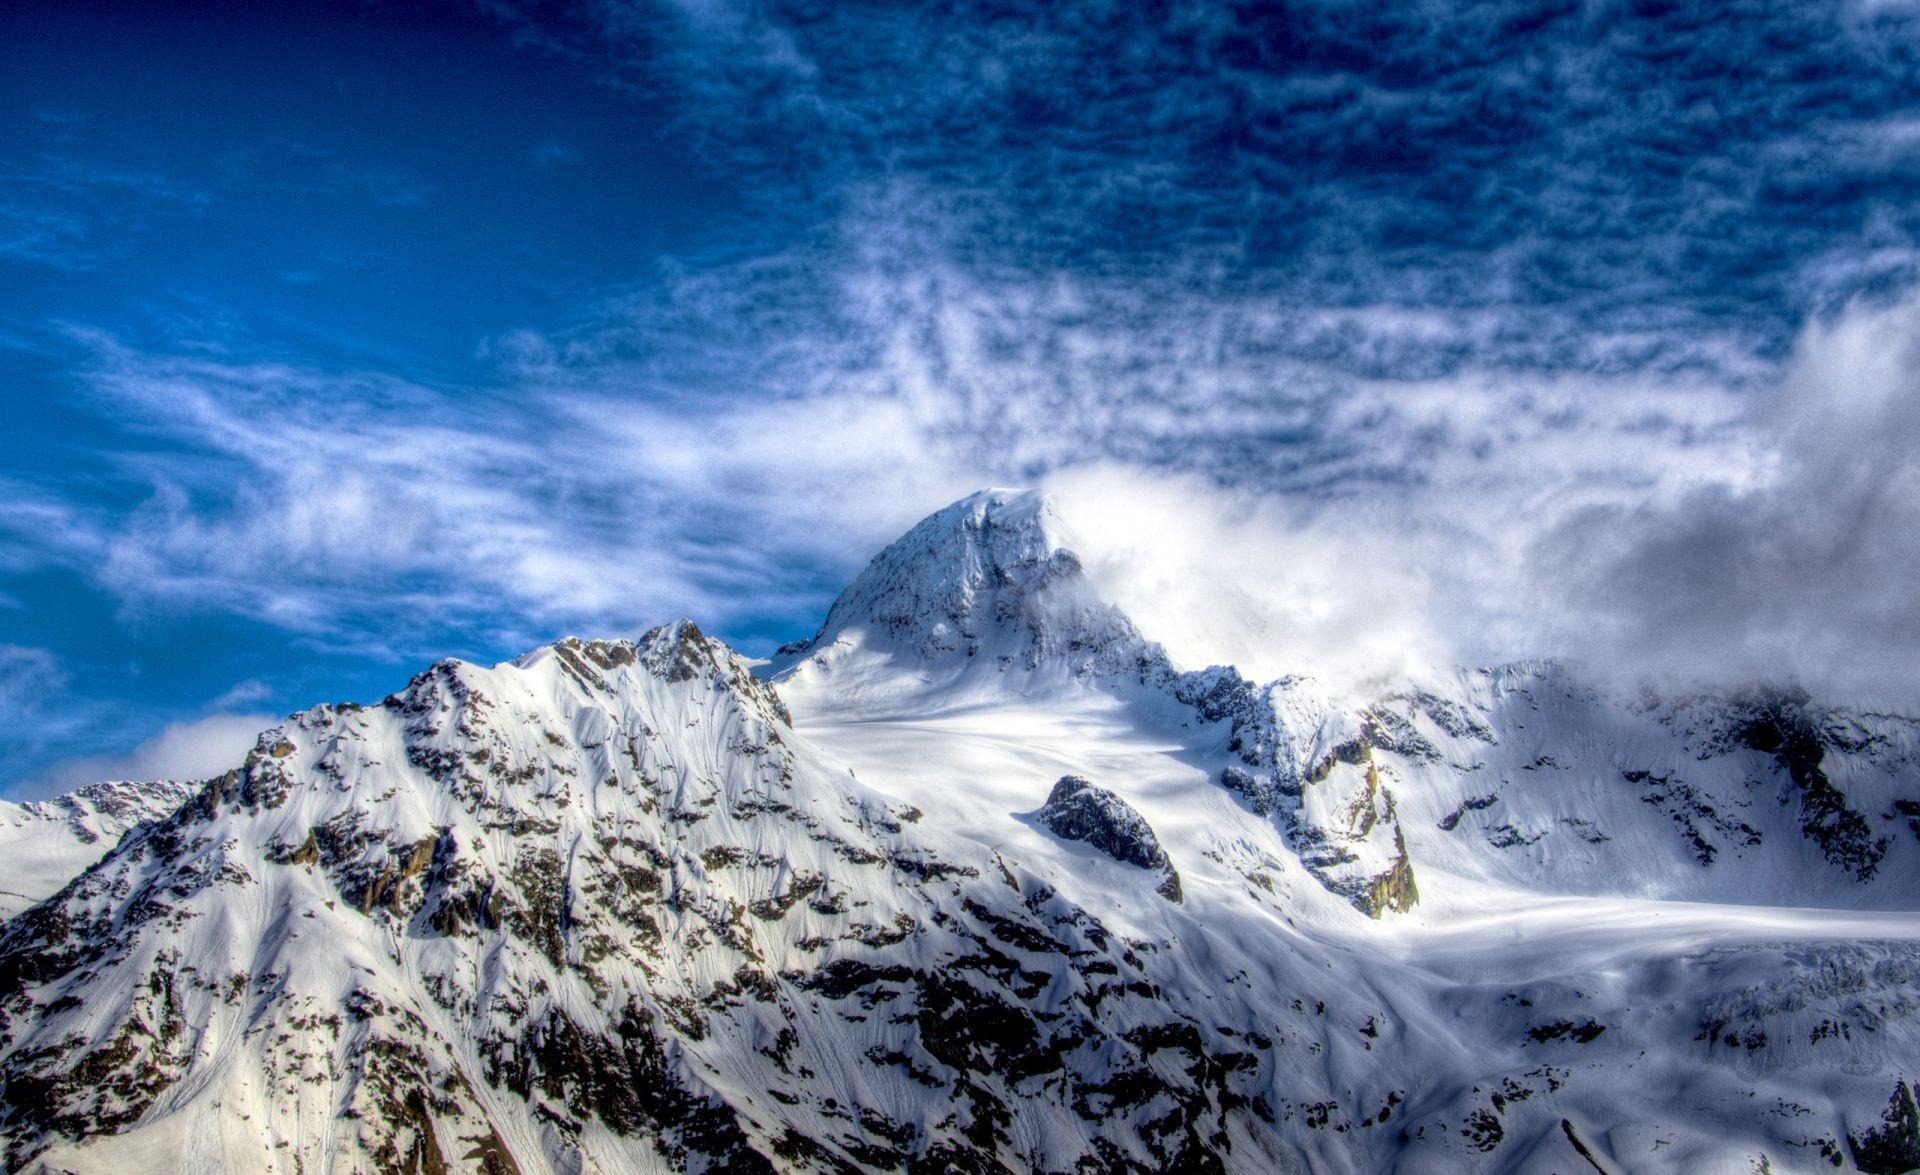 горы снег высота скачать